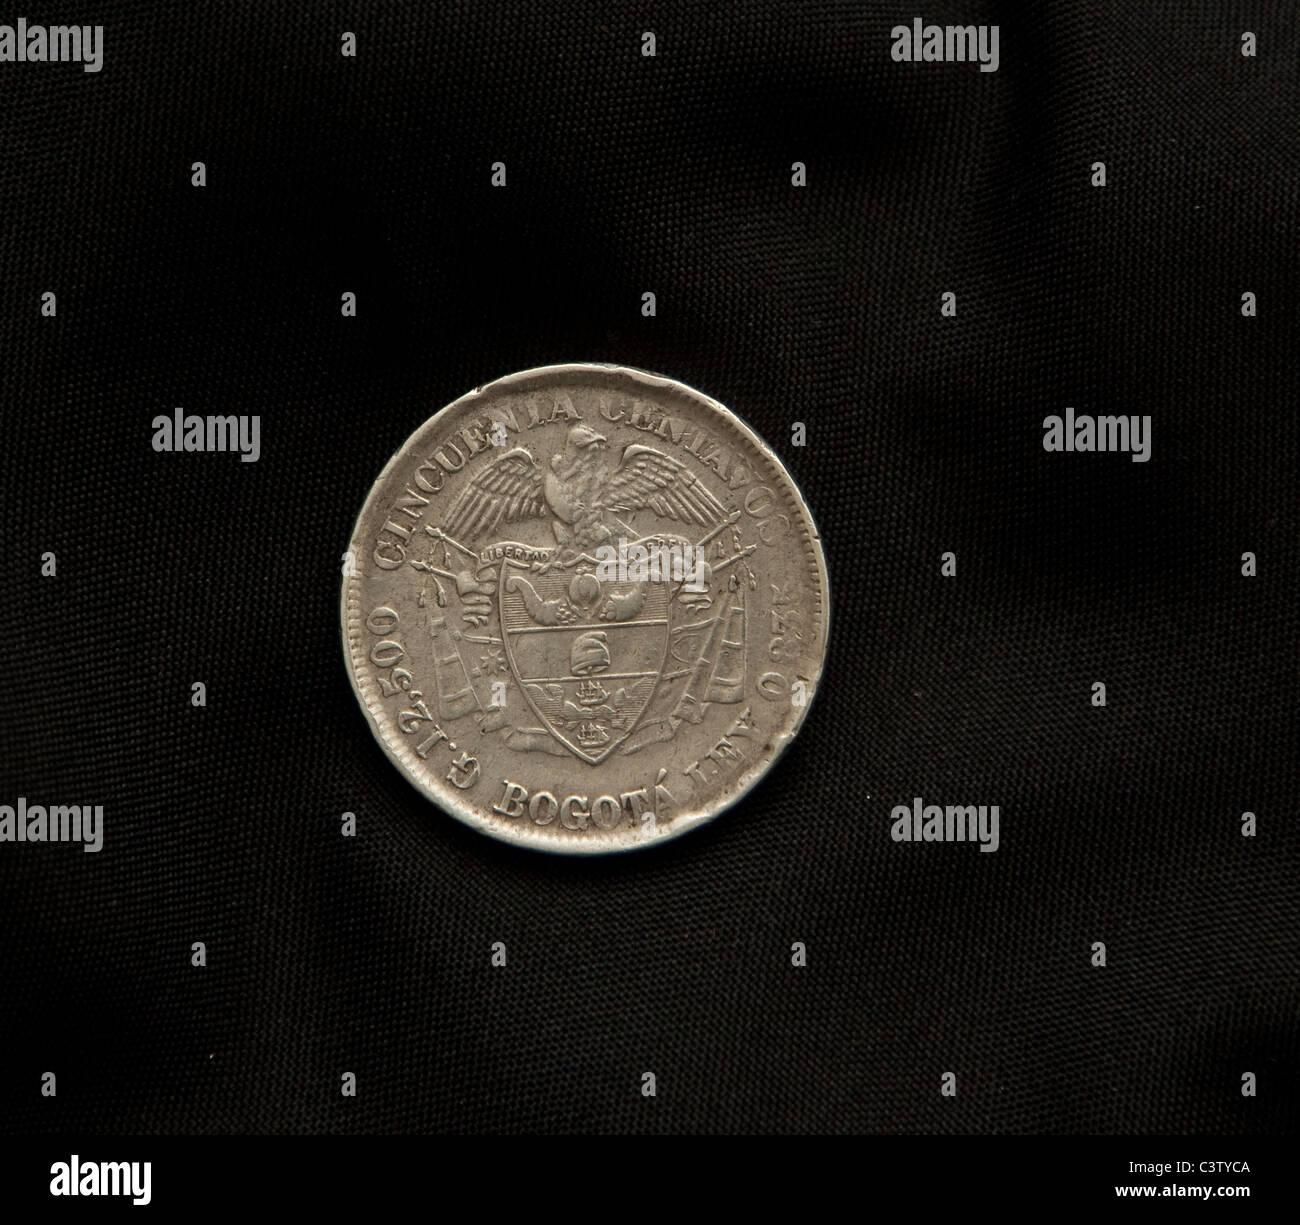 10 Oz Fine Silver One Dollar Coin Worth